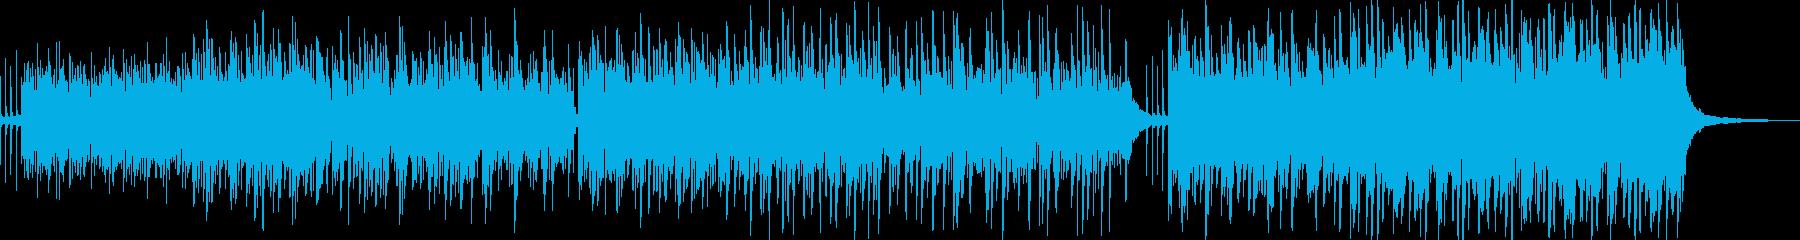 ほのぼのアコギ、子供の成長シーンの再生済みの波形